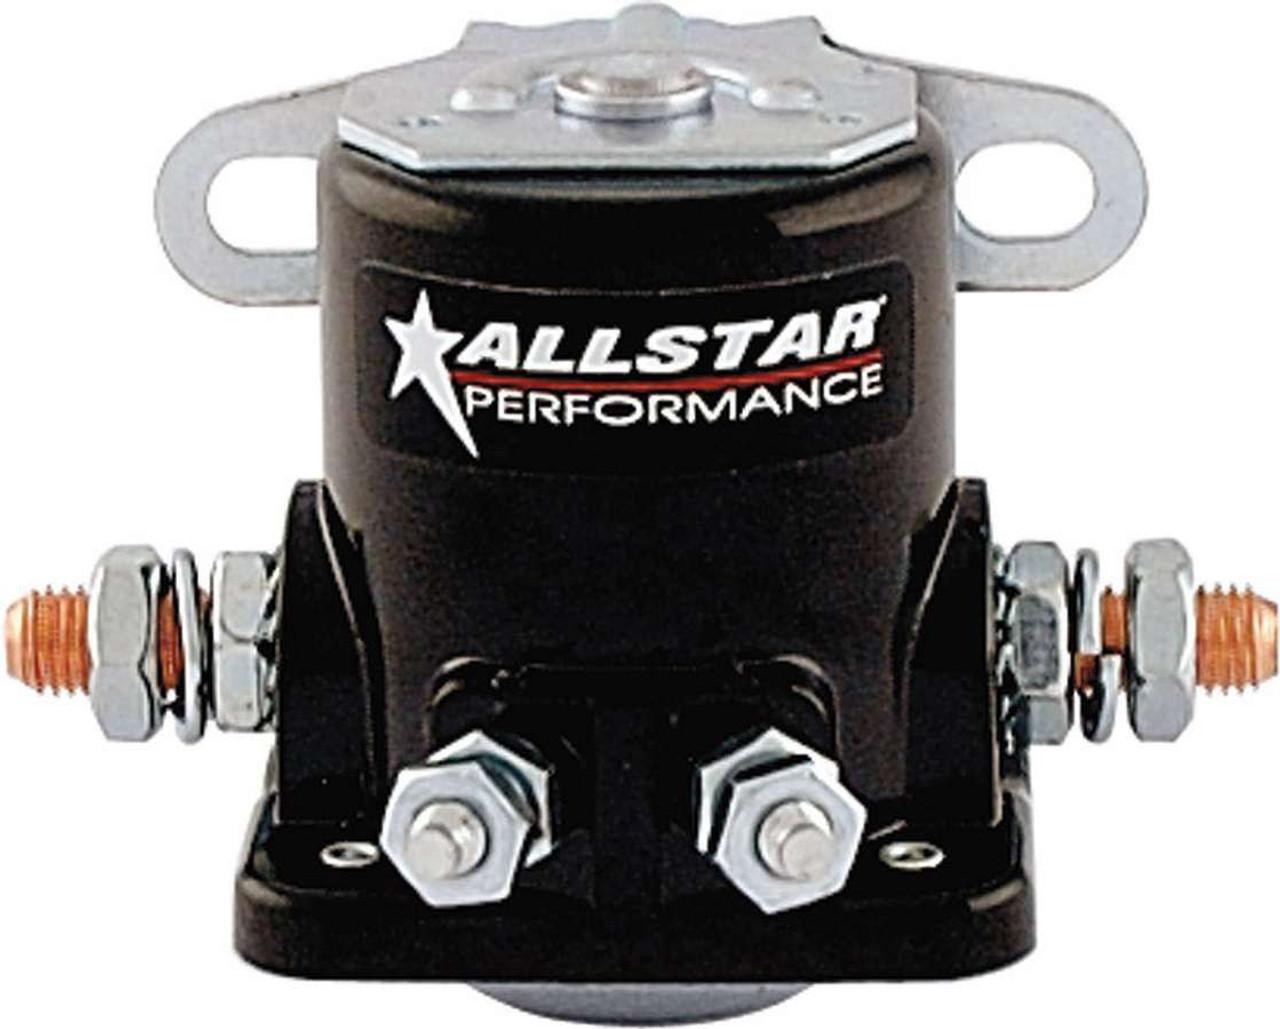 Allstar Performance Starter Solenoid Each Ford Style ALL76203 Black